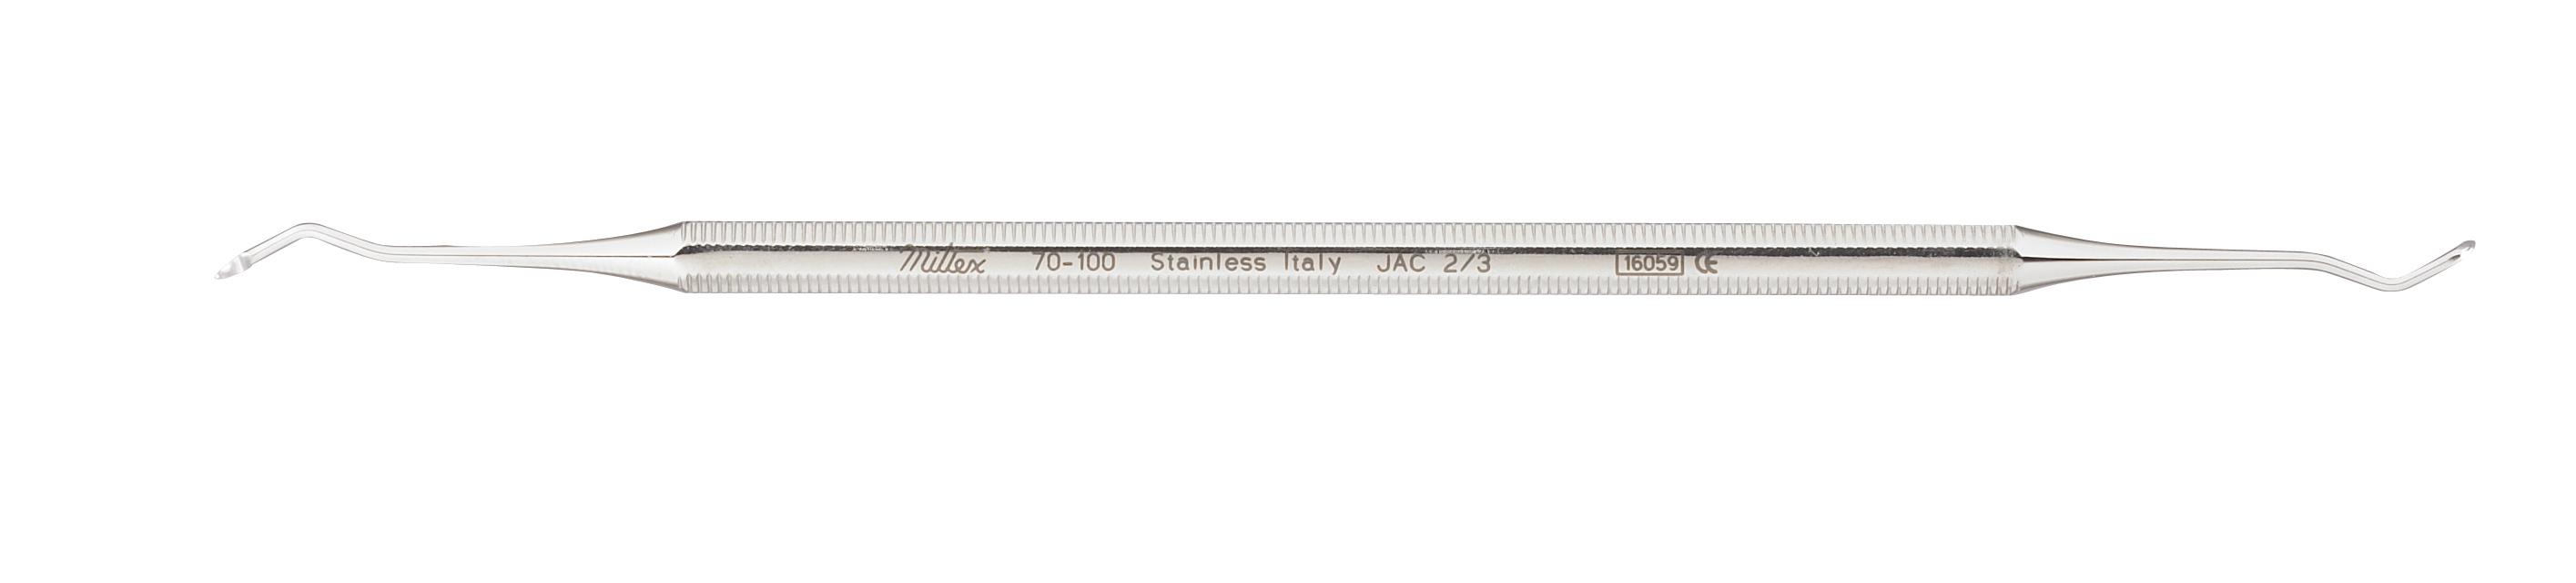 2-3-jacquette-scaler-octagonal-double-end-70-100-miltex.jpg